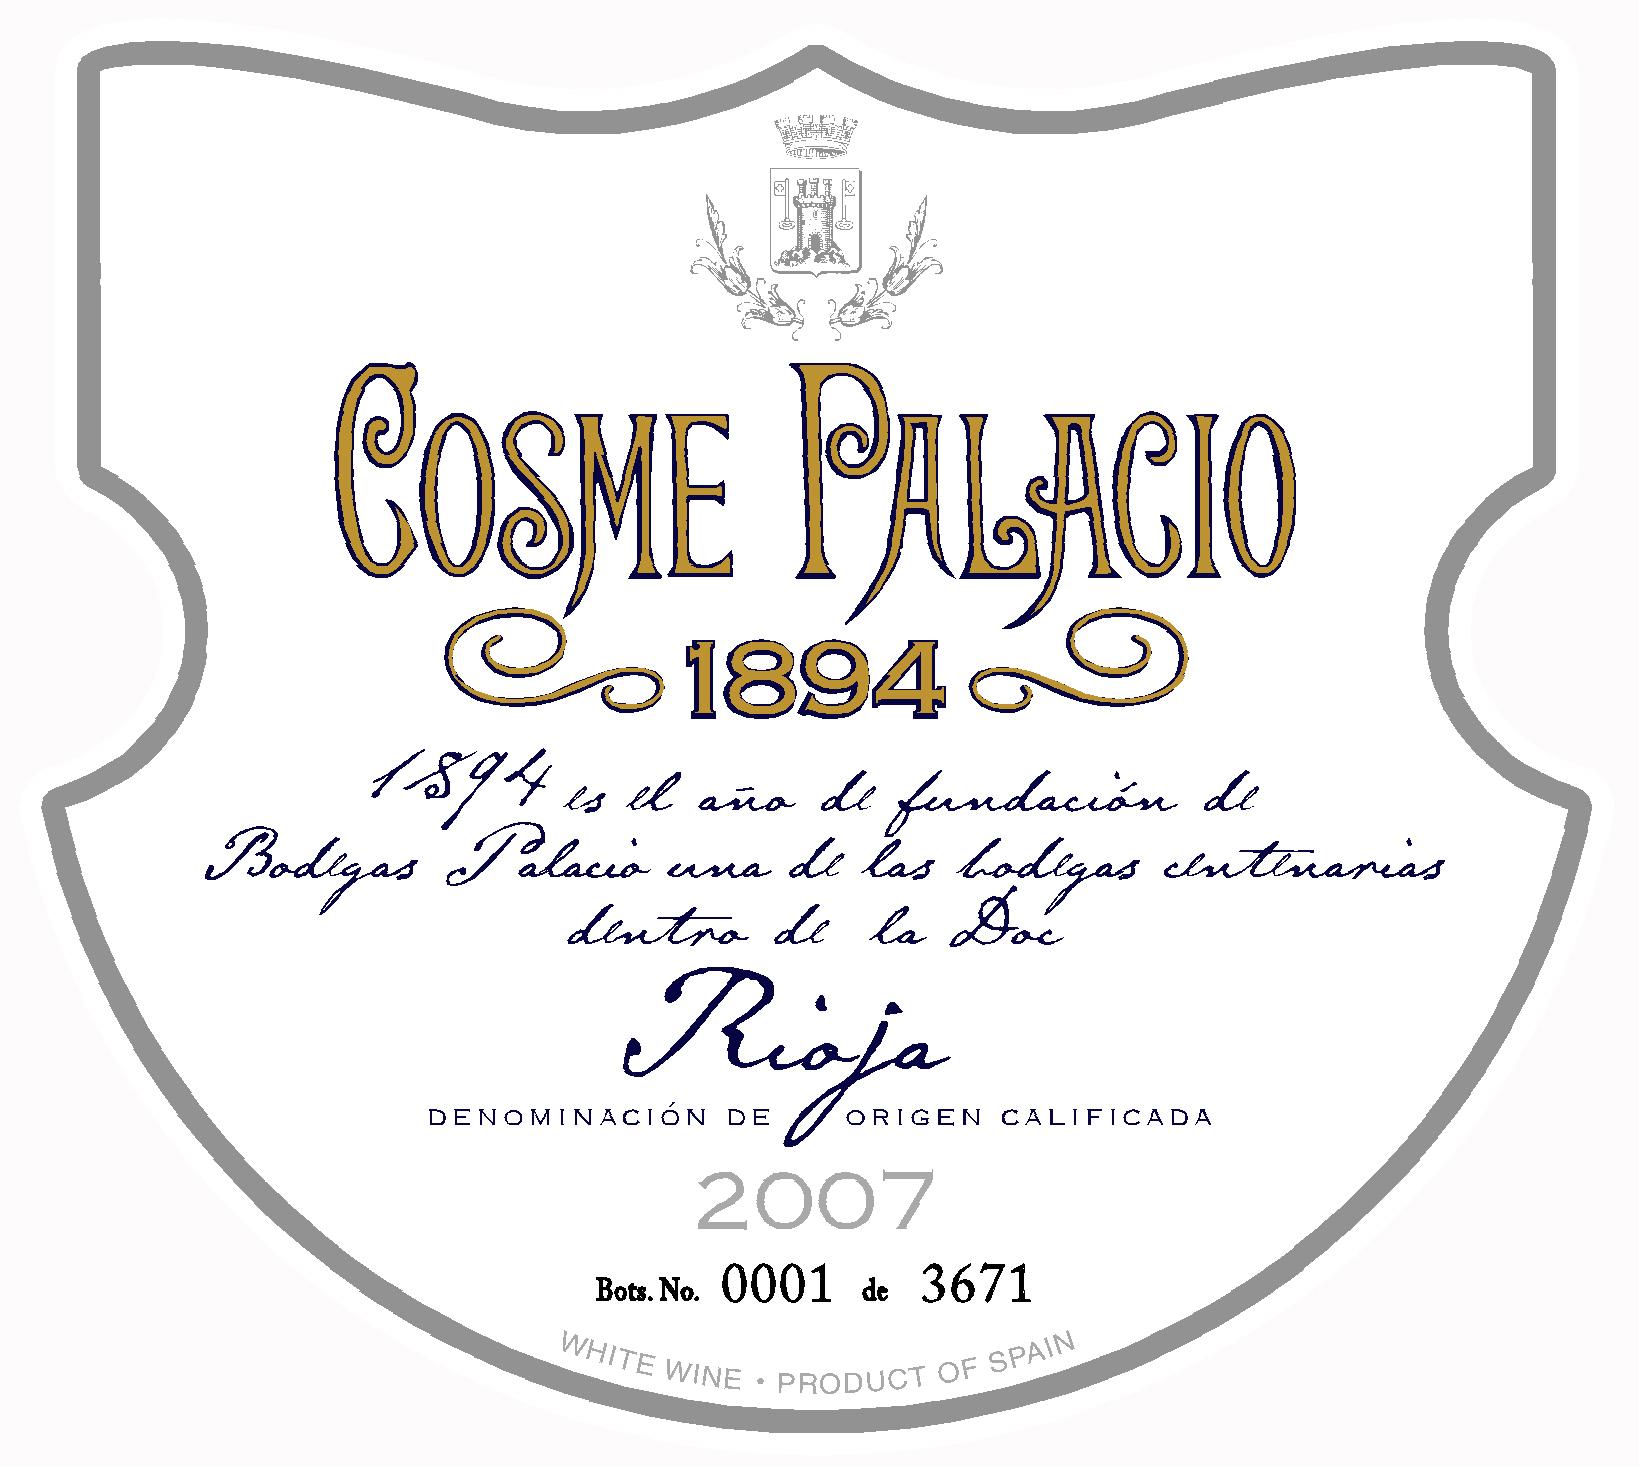 帕拉西奥科姆宫殿1984丹魄干红Hijos de Antonio Barcelo Bodegas Palacio 'Cosme Palacio' 1894 Tinto